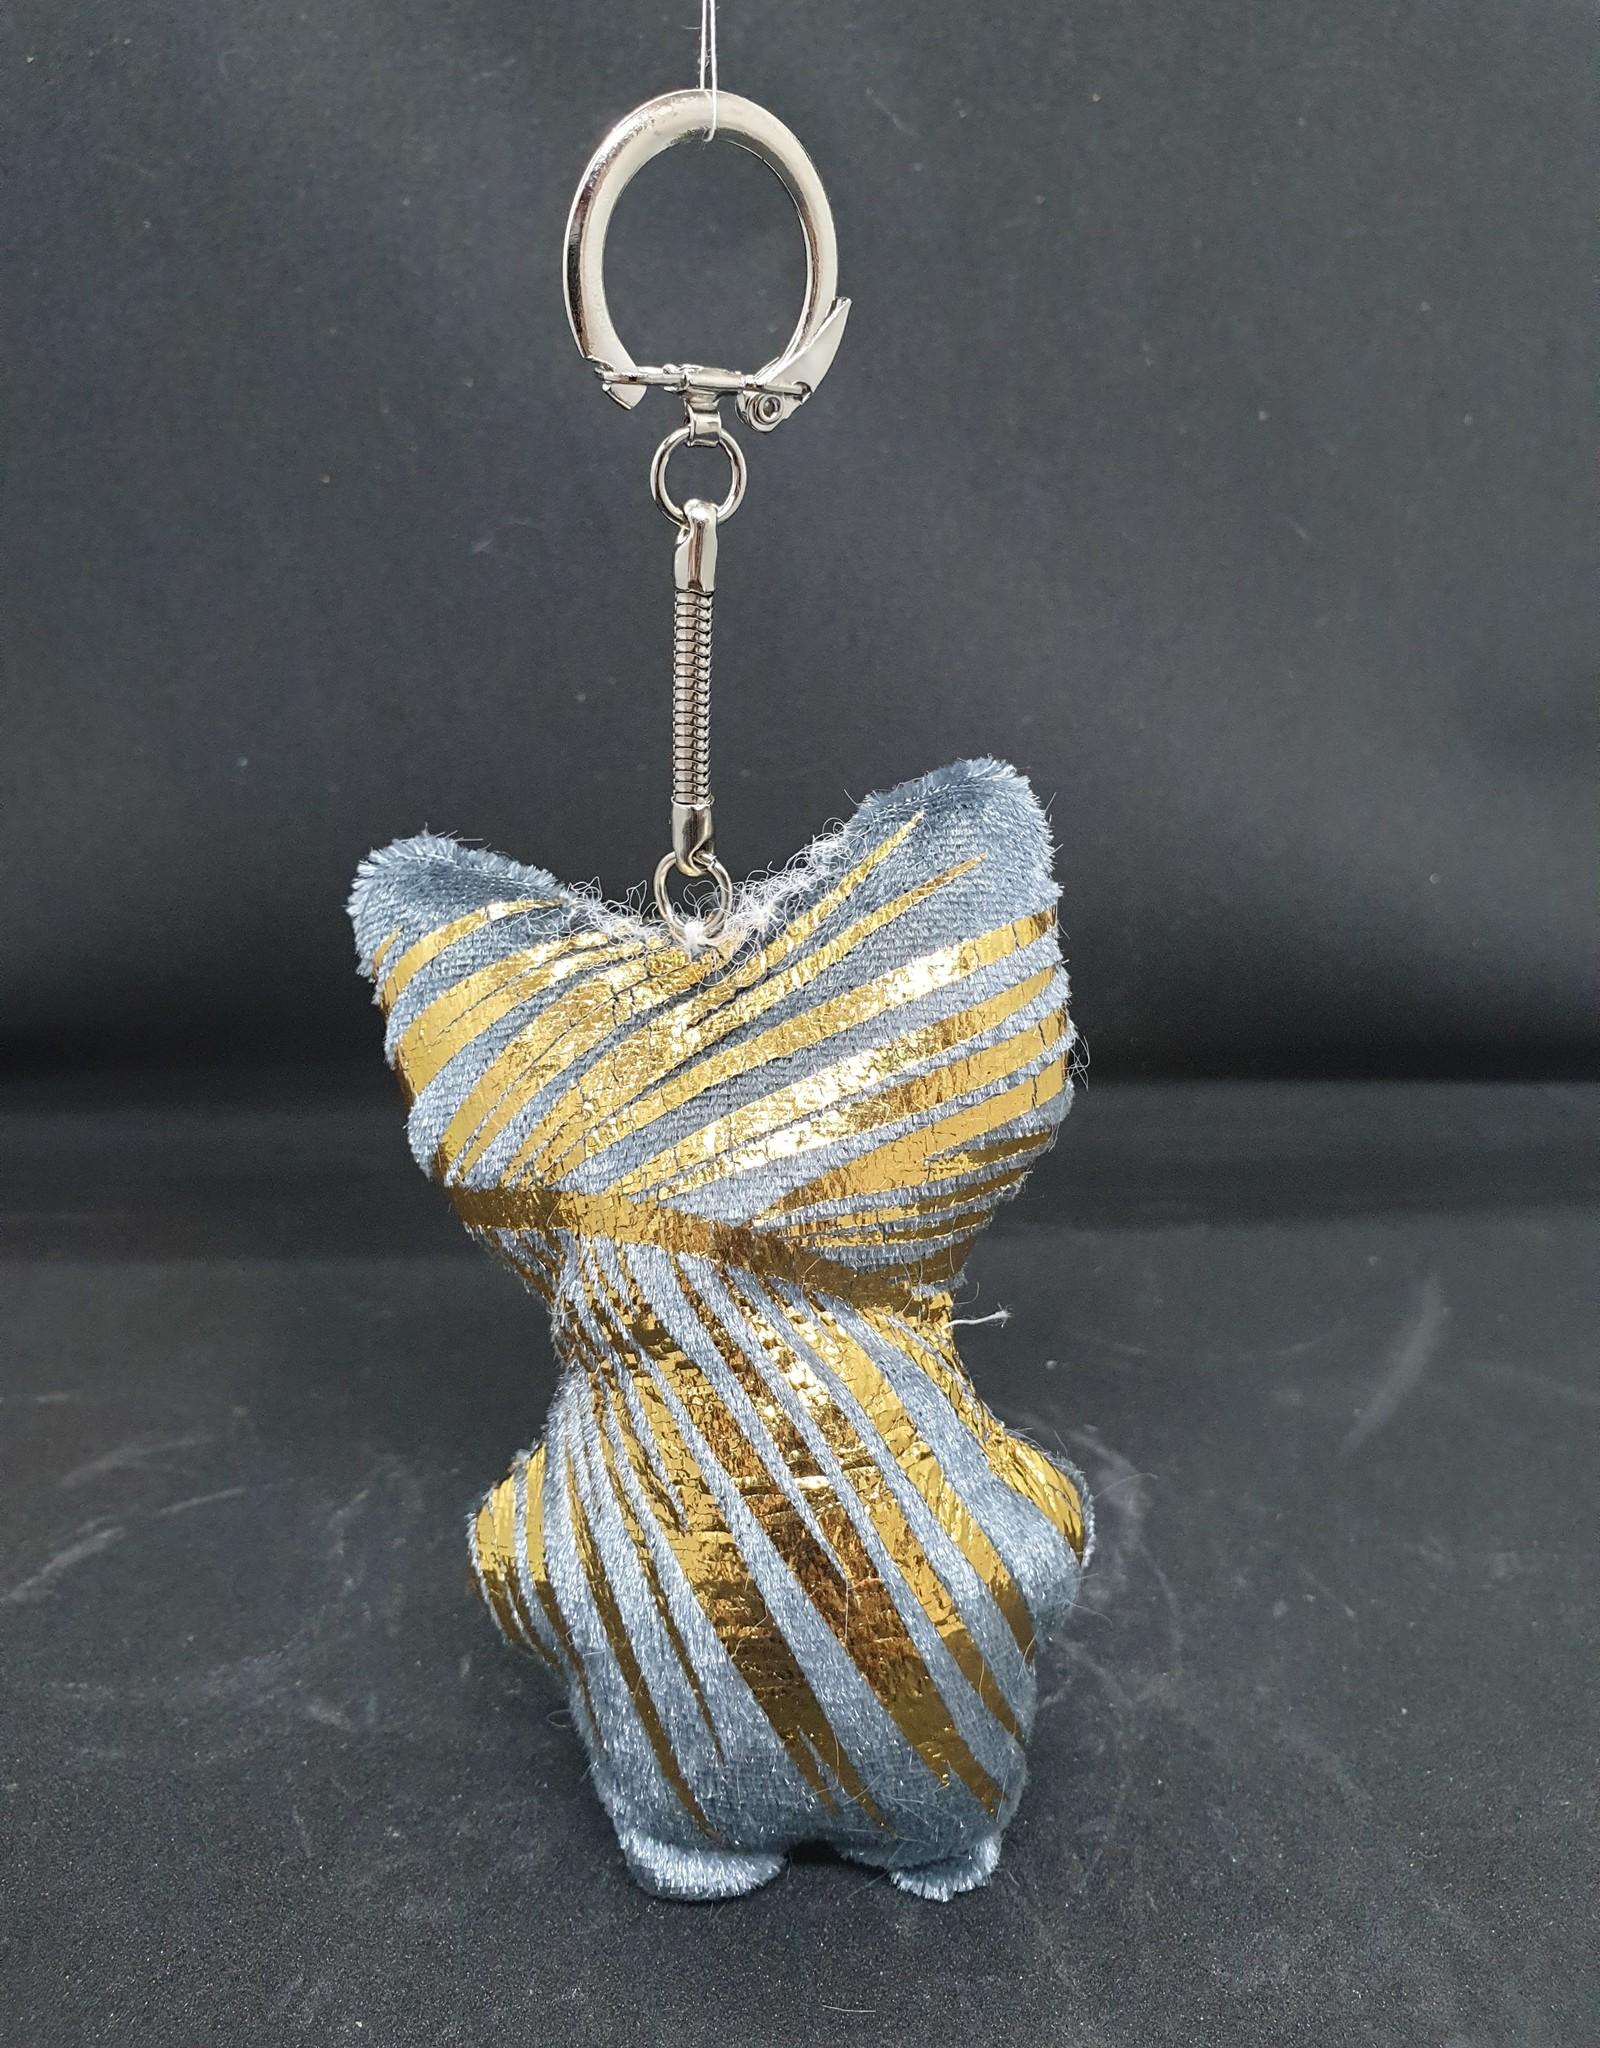 seazido - wevyra geluk en bescherming poppetje sleutel hanger (goud-blauw)